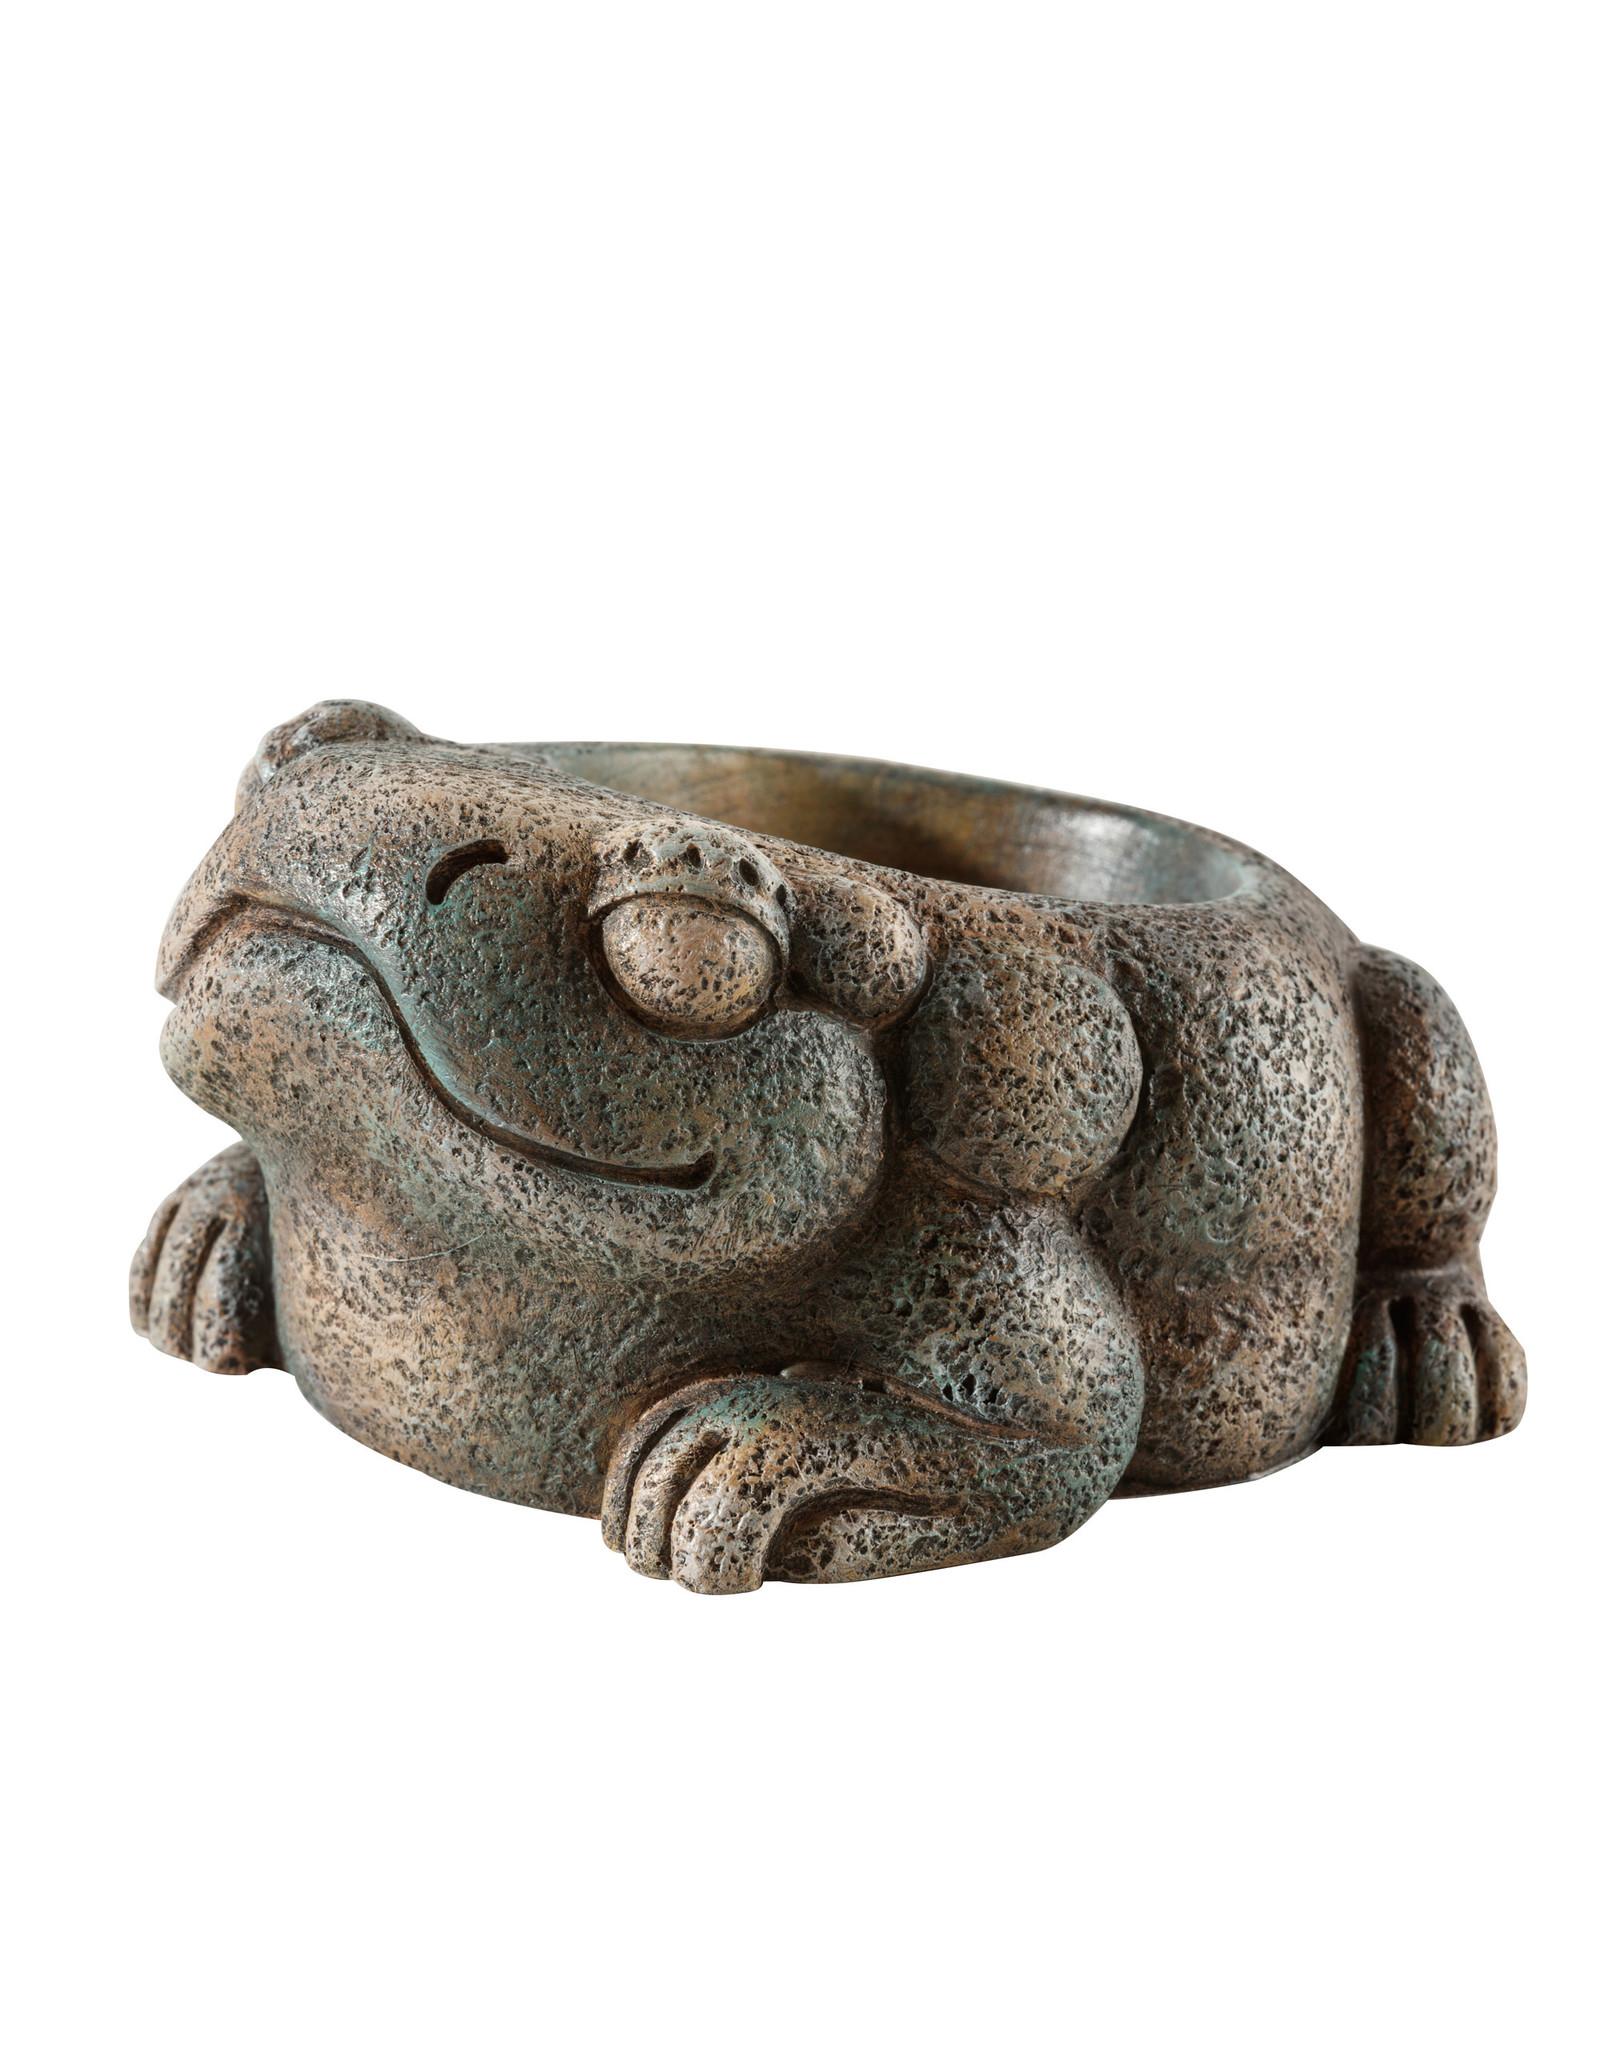 Exo Terra Aztec Frog Water Dish